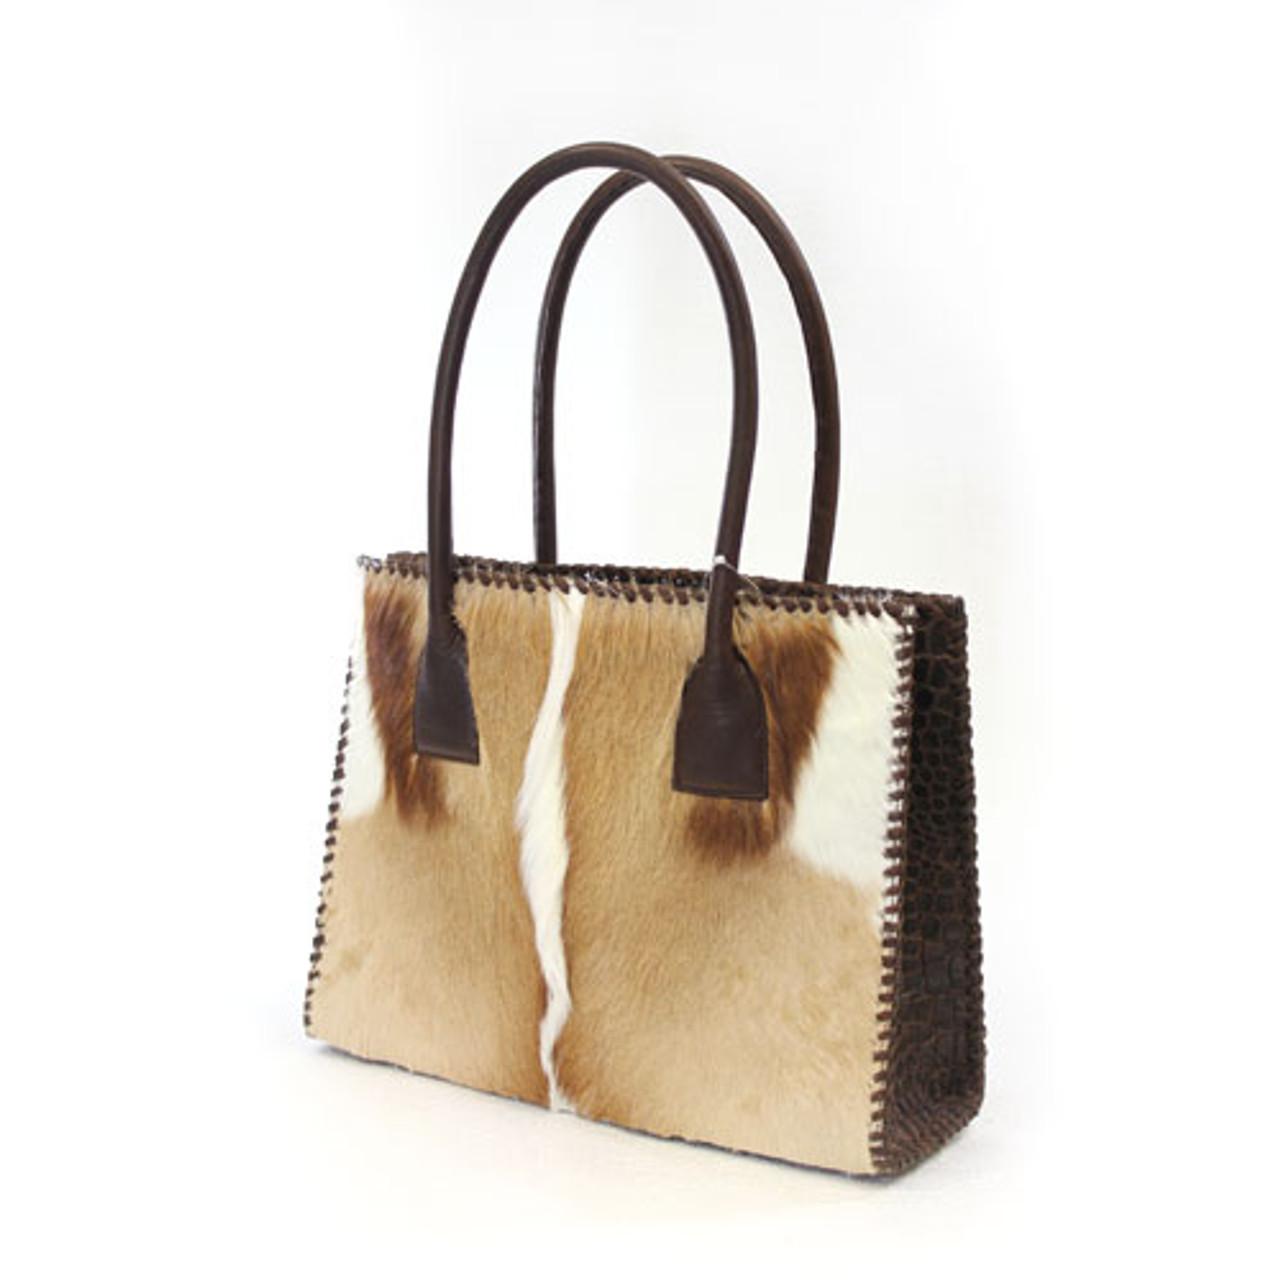 66c8f6fb5fa5 Women. Juan Antonio Women s Custom Handbags - 2003H - Antelope   Croco Brown  ...